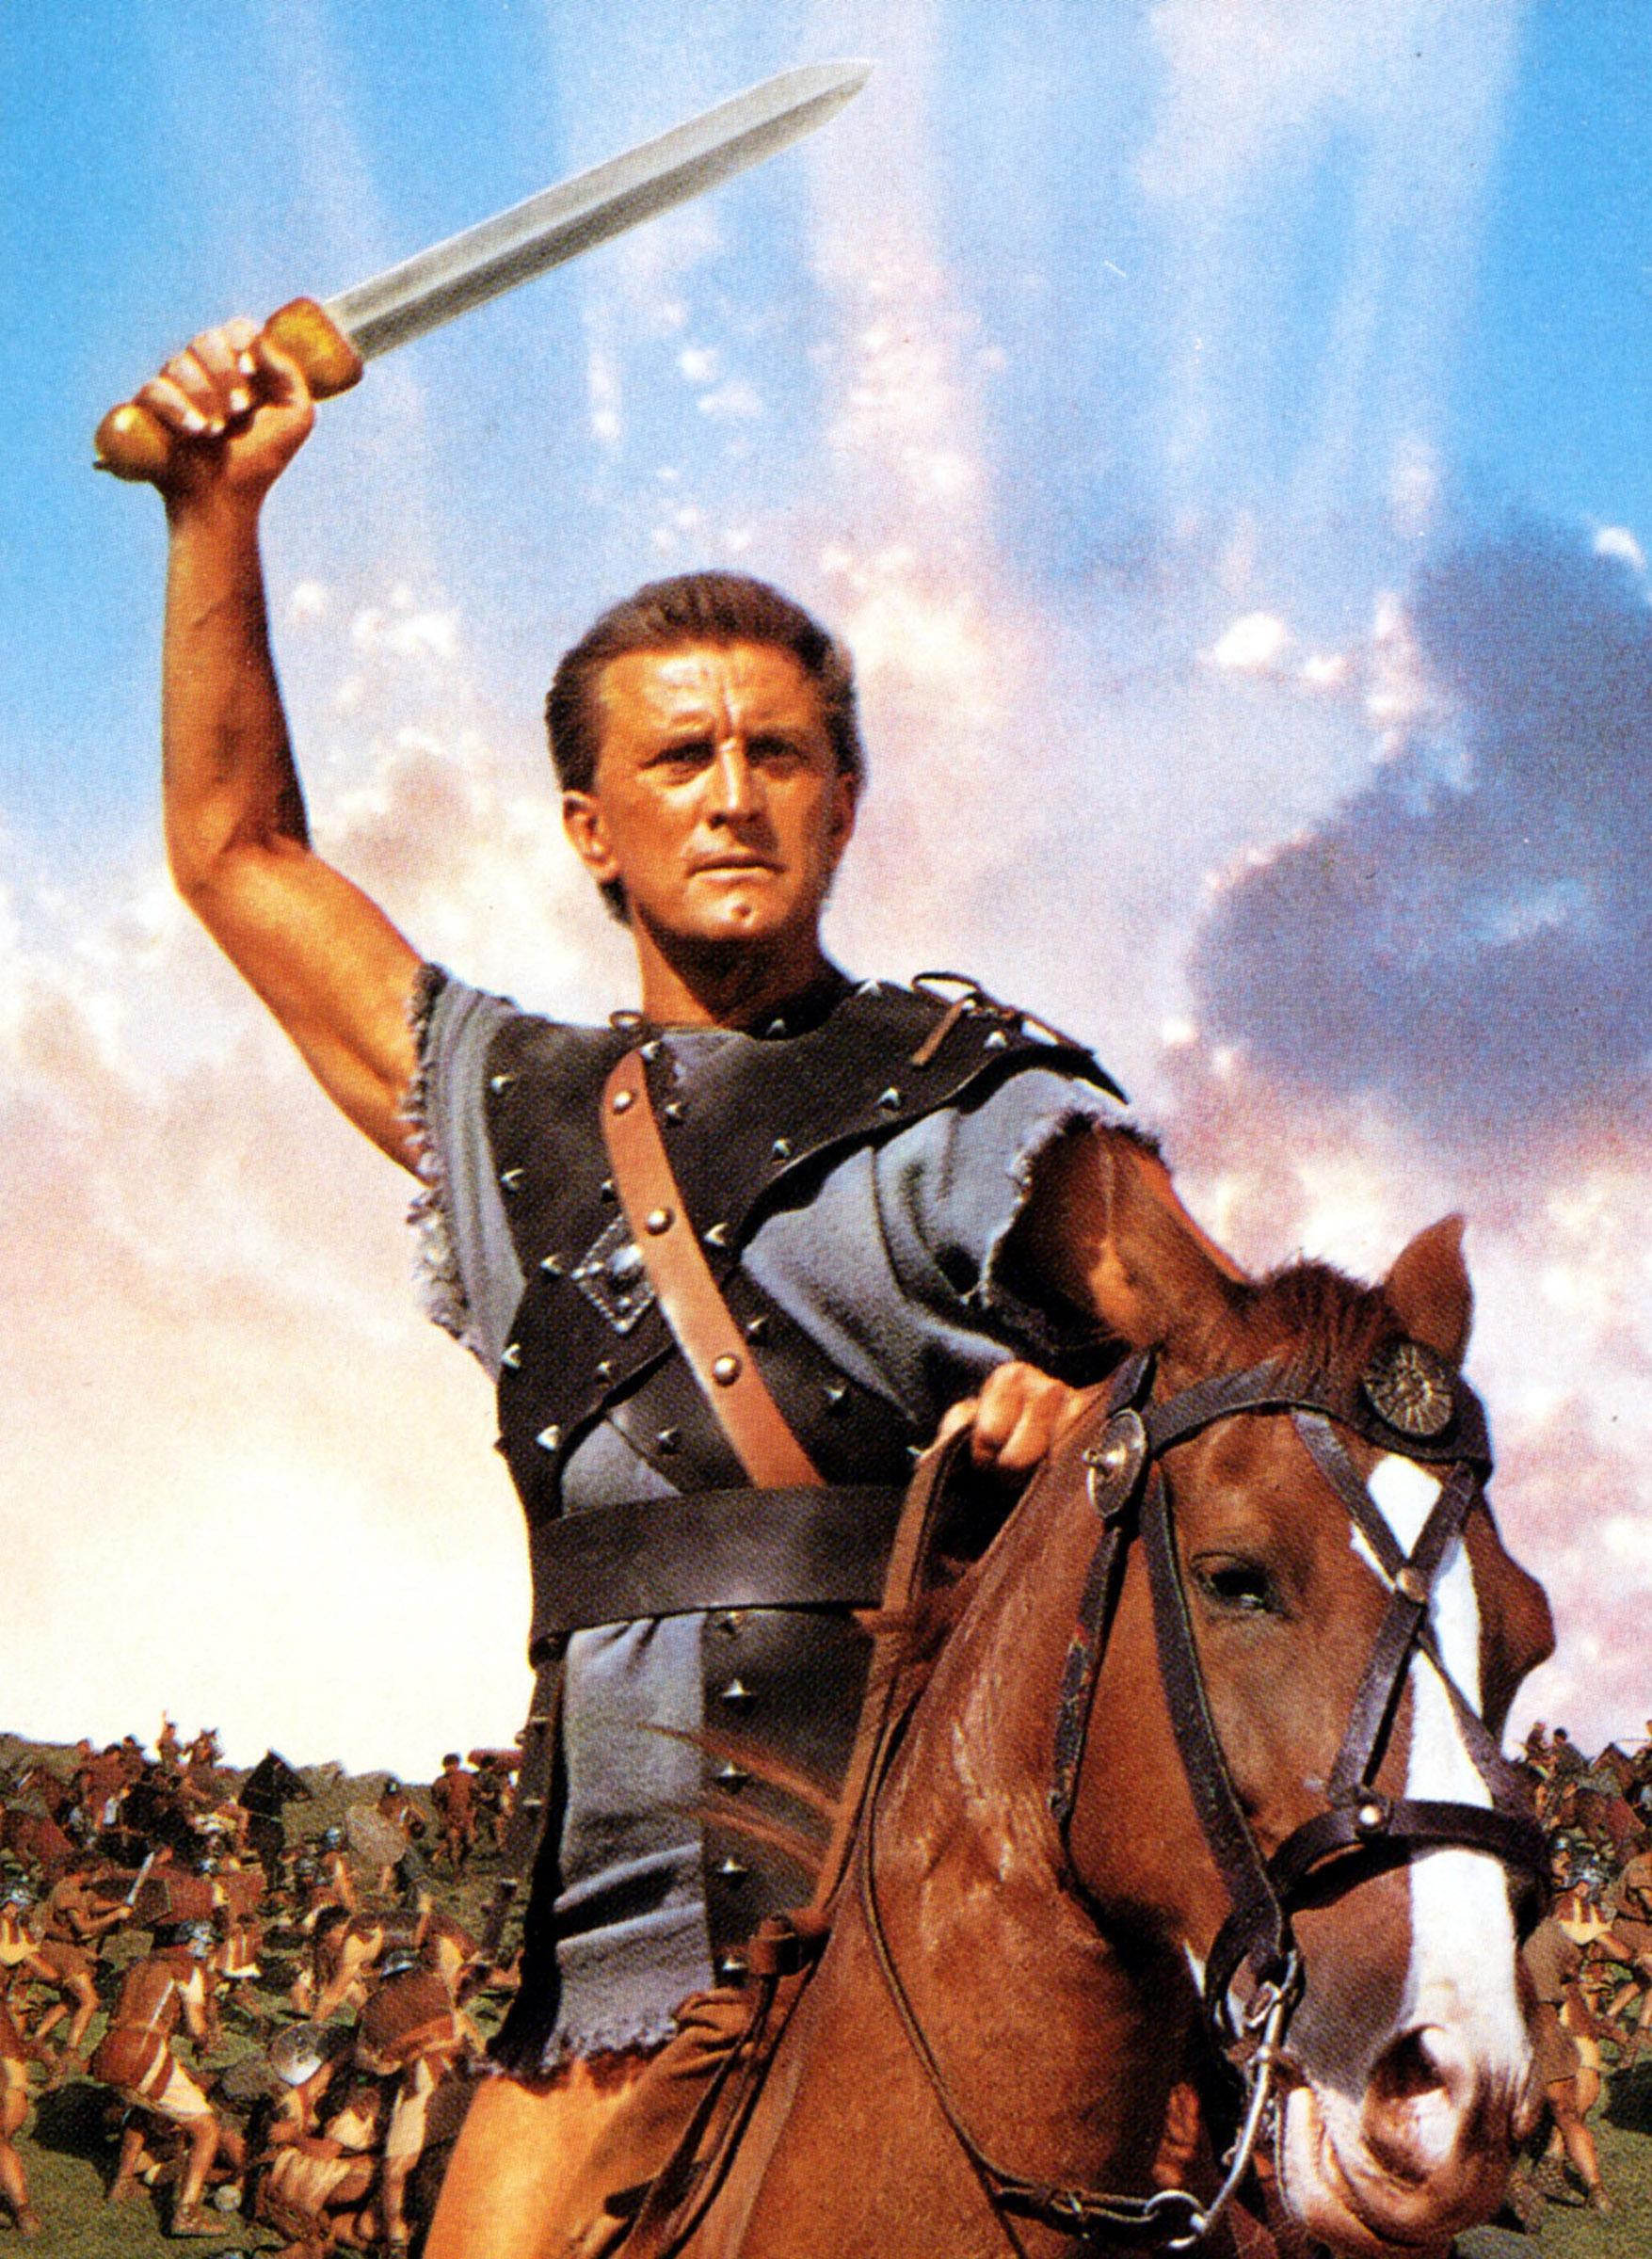 Kirk Douglas as Spartacus in 1960.